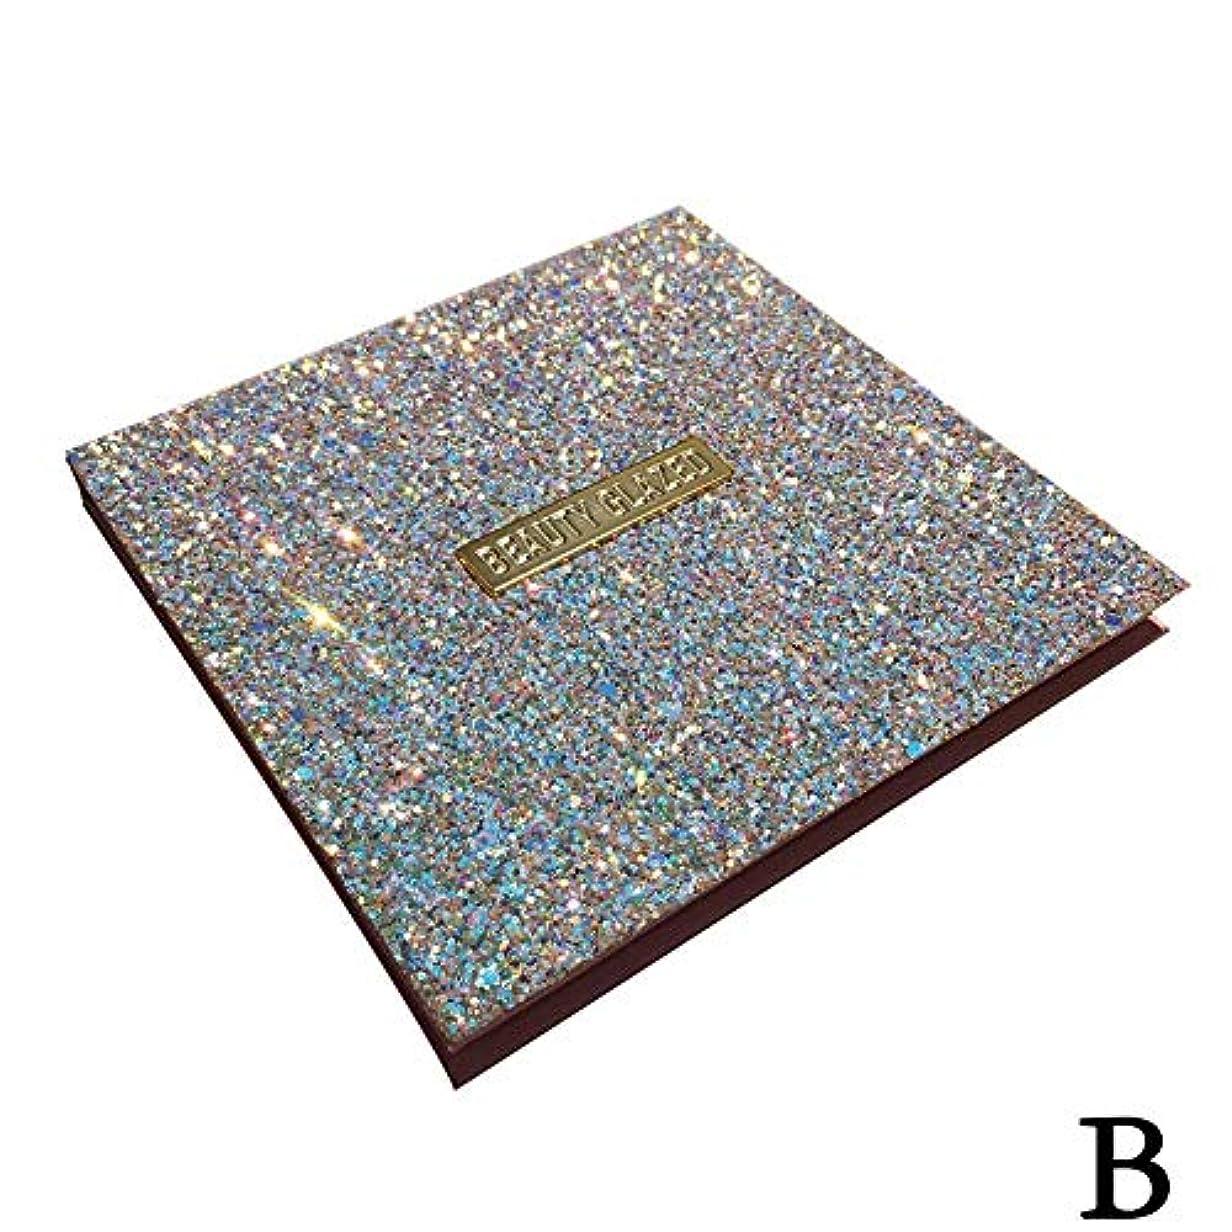 どうしたのサイクル言うまでもなく(ゴールデン ドリーミング)Golden Dreaming beauty glazed 無光沢の真珠16色のアイシャドウ (B 2#)